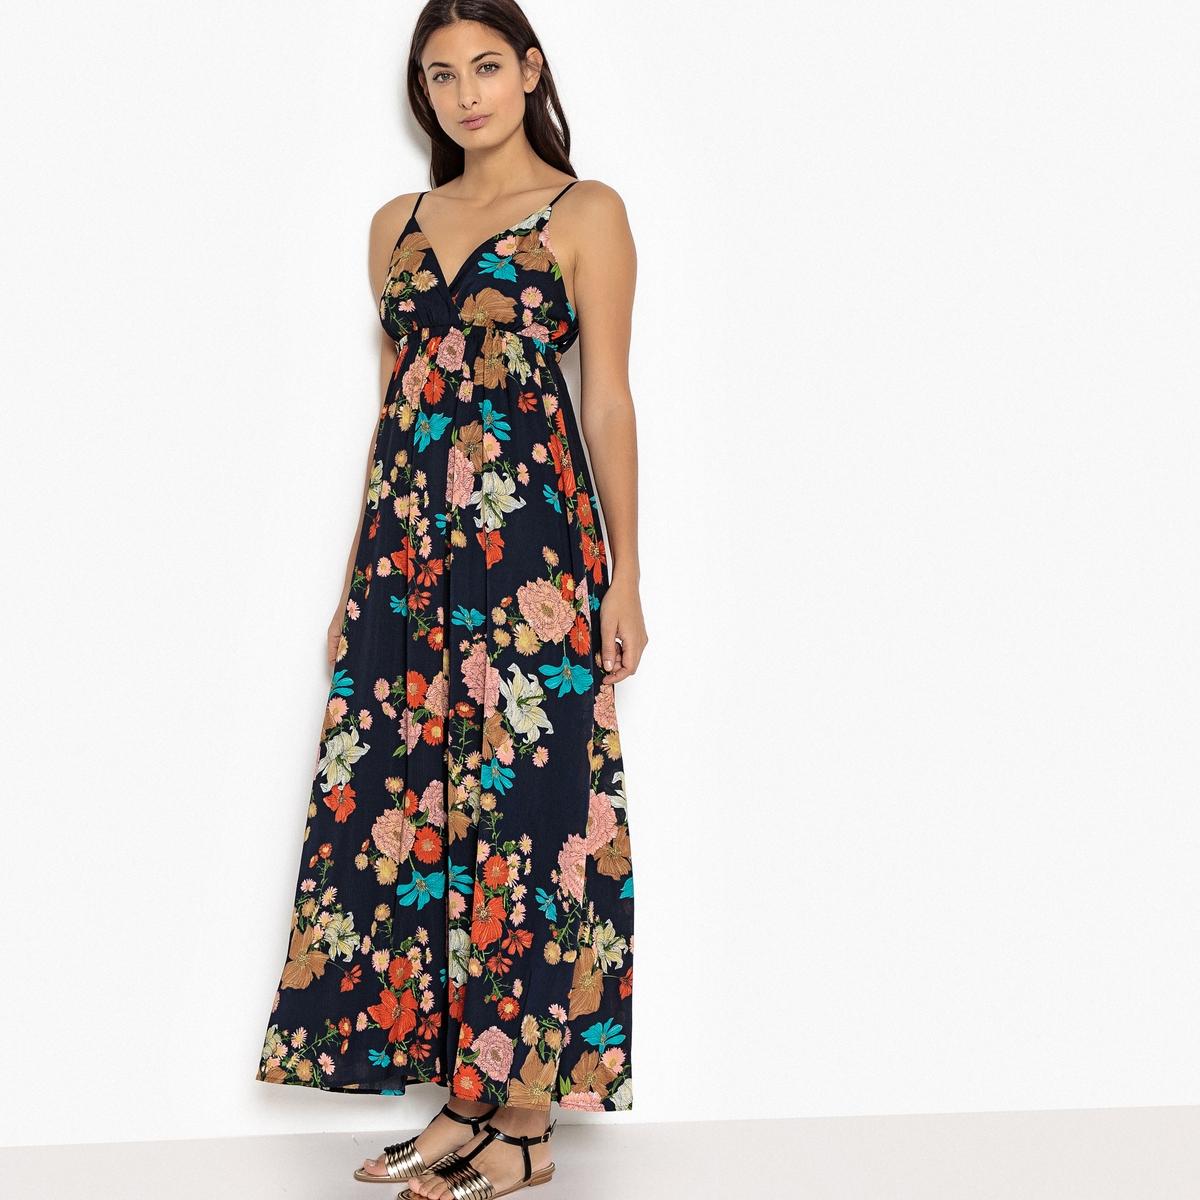 Платье расклешённое длинное с цветочным рисунком